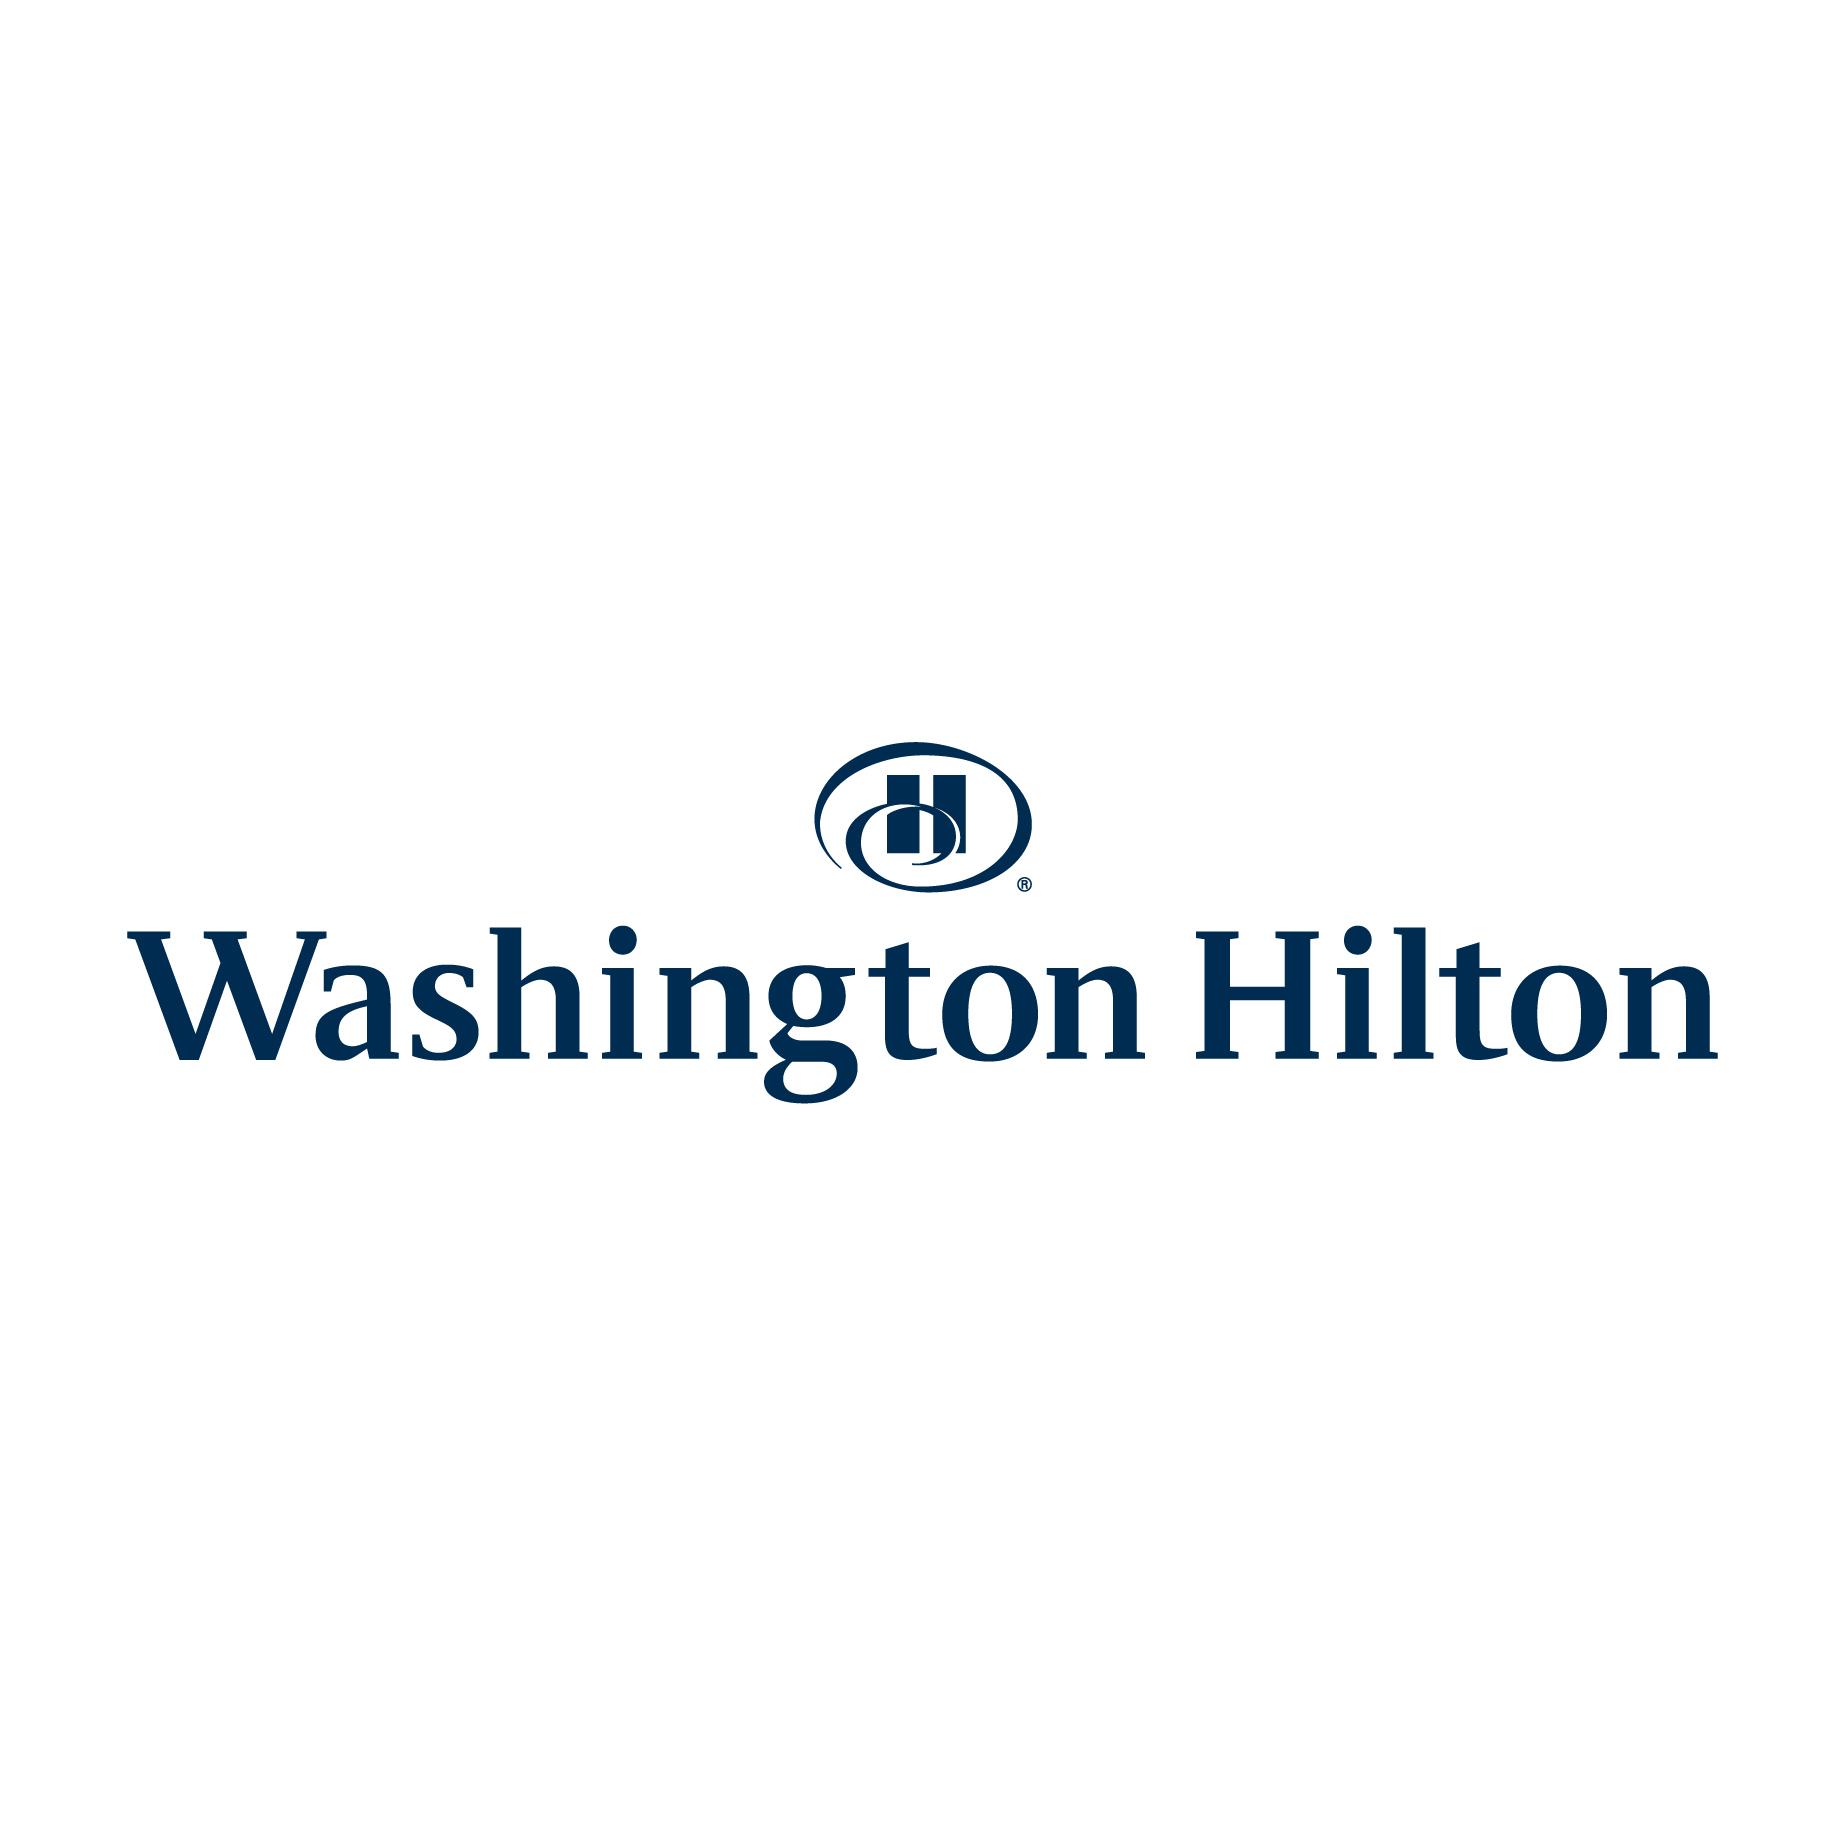 Washington Hilton image 34